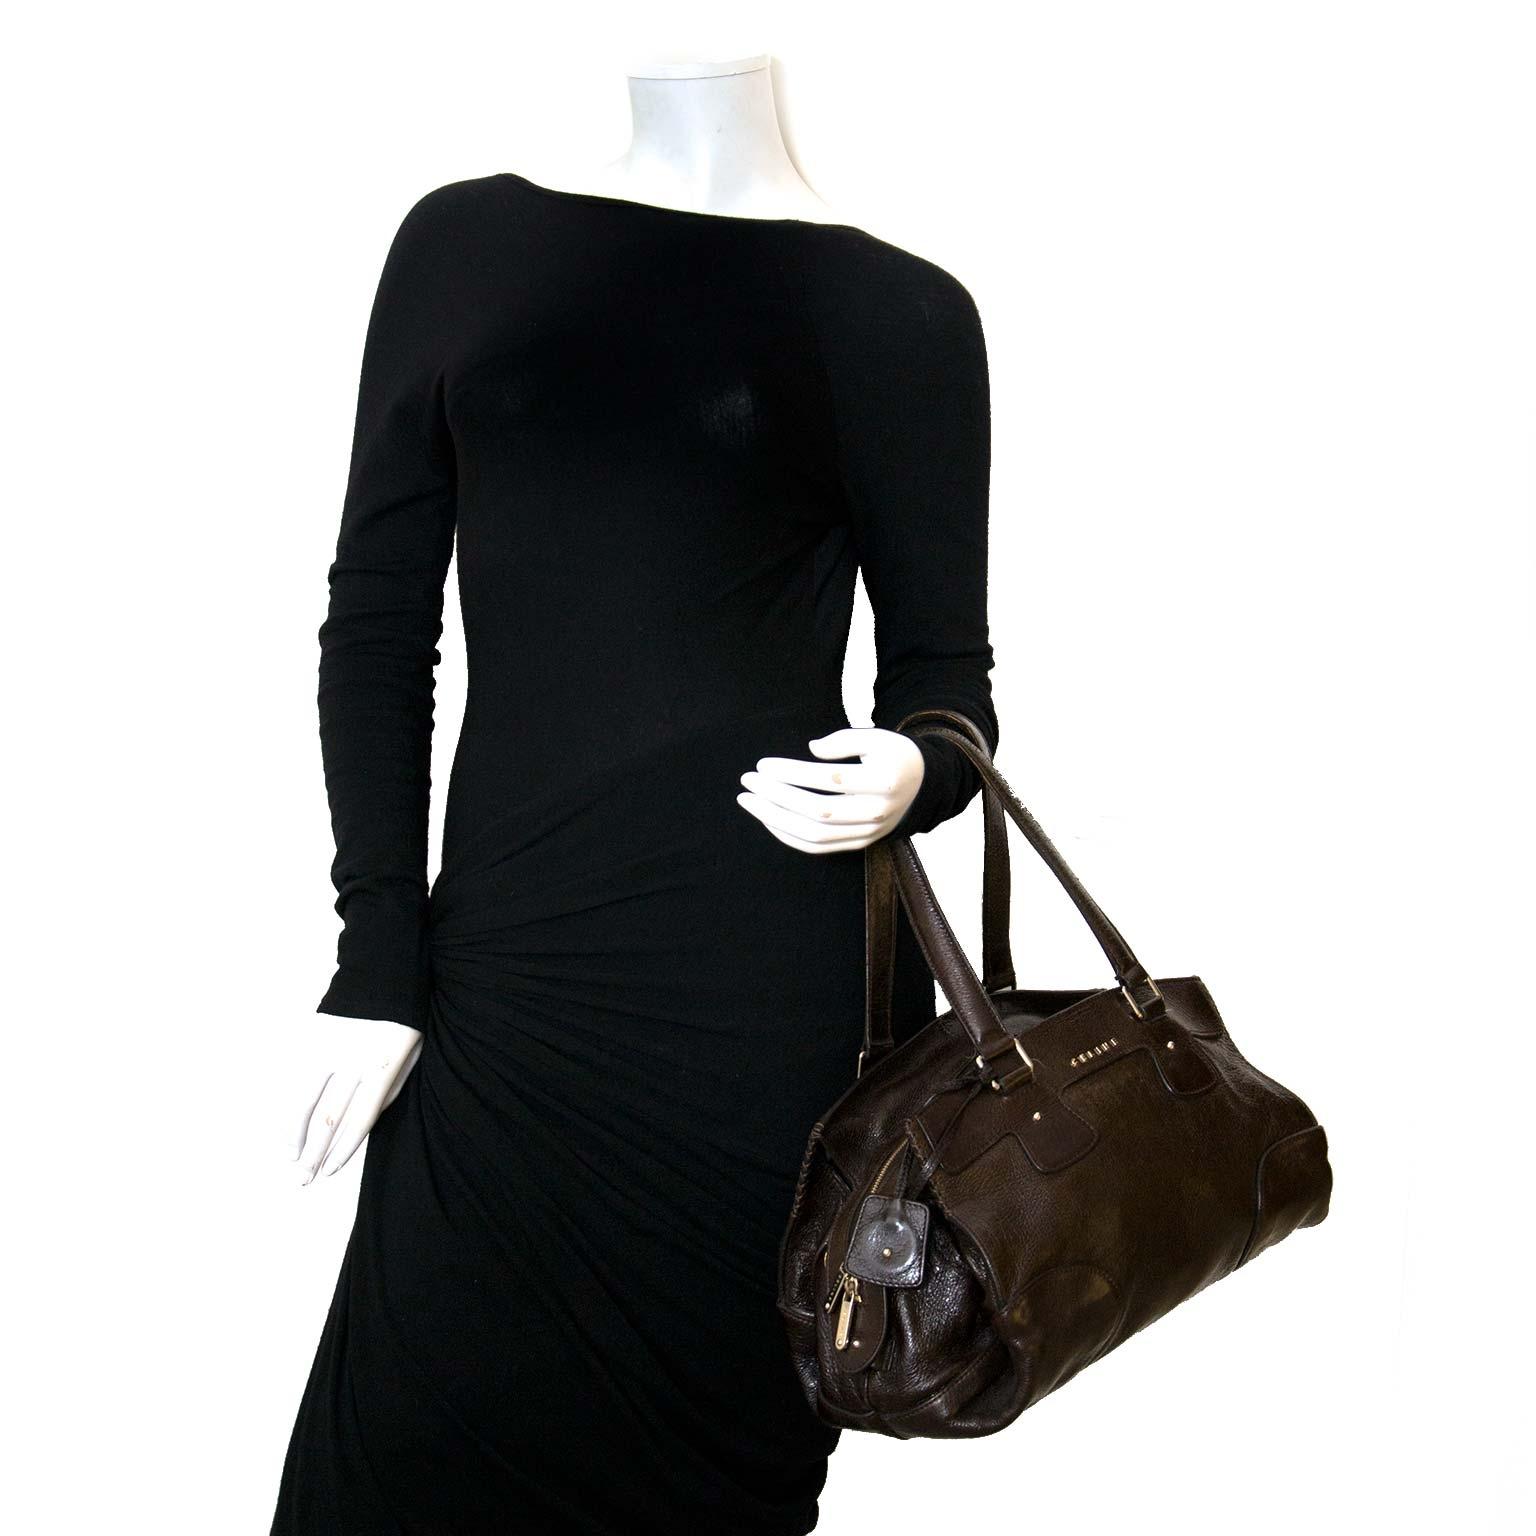 Koop authentieke Céline tassen nu online bij Labellov vintage webshop